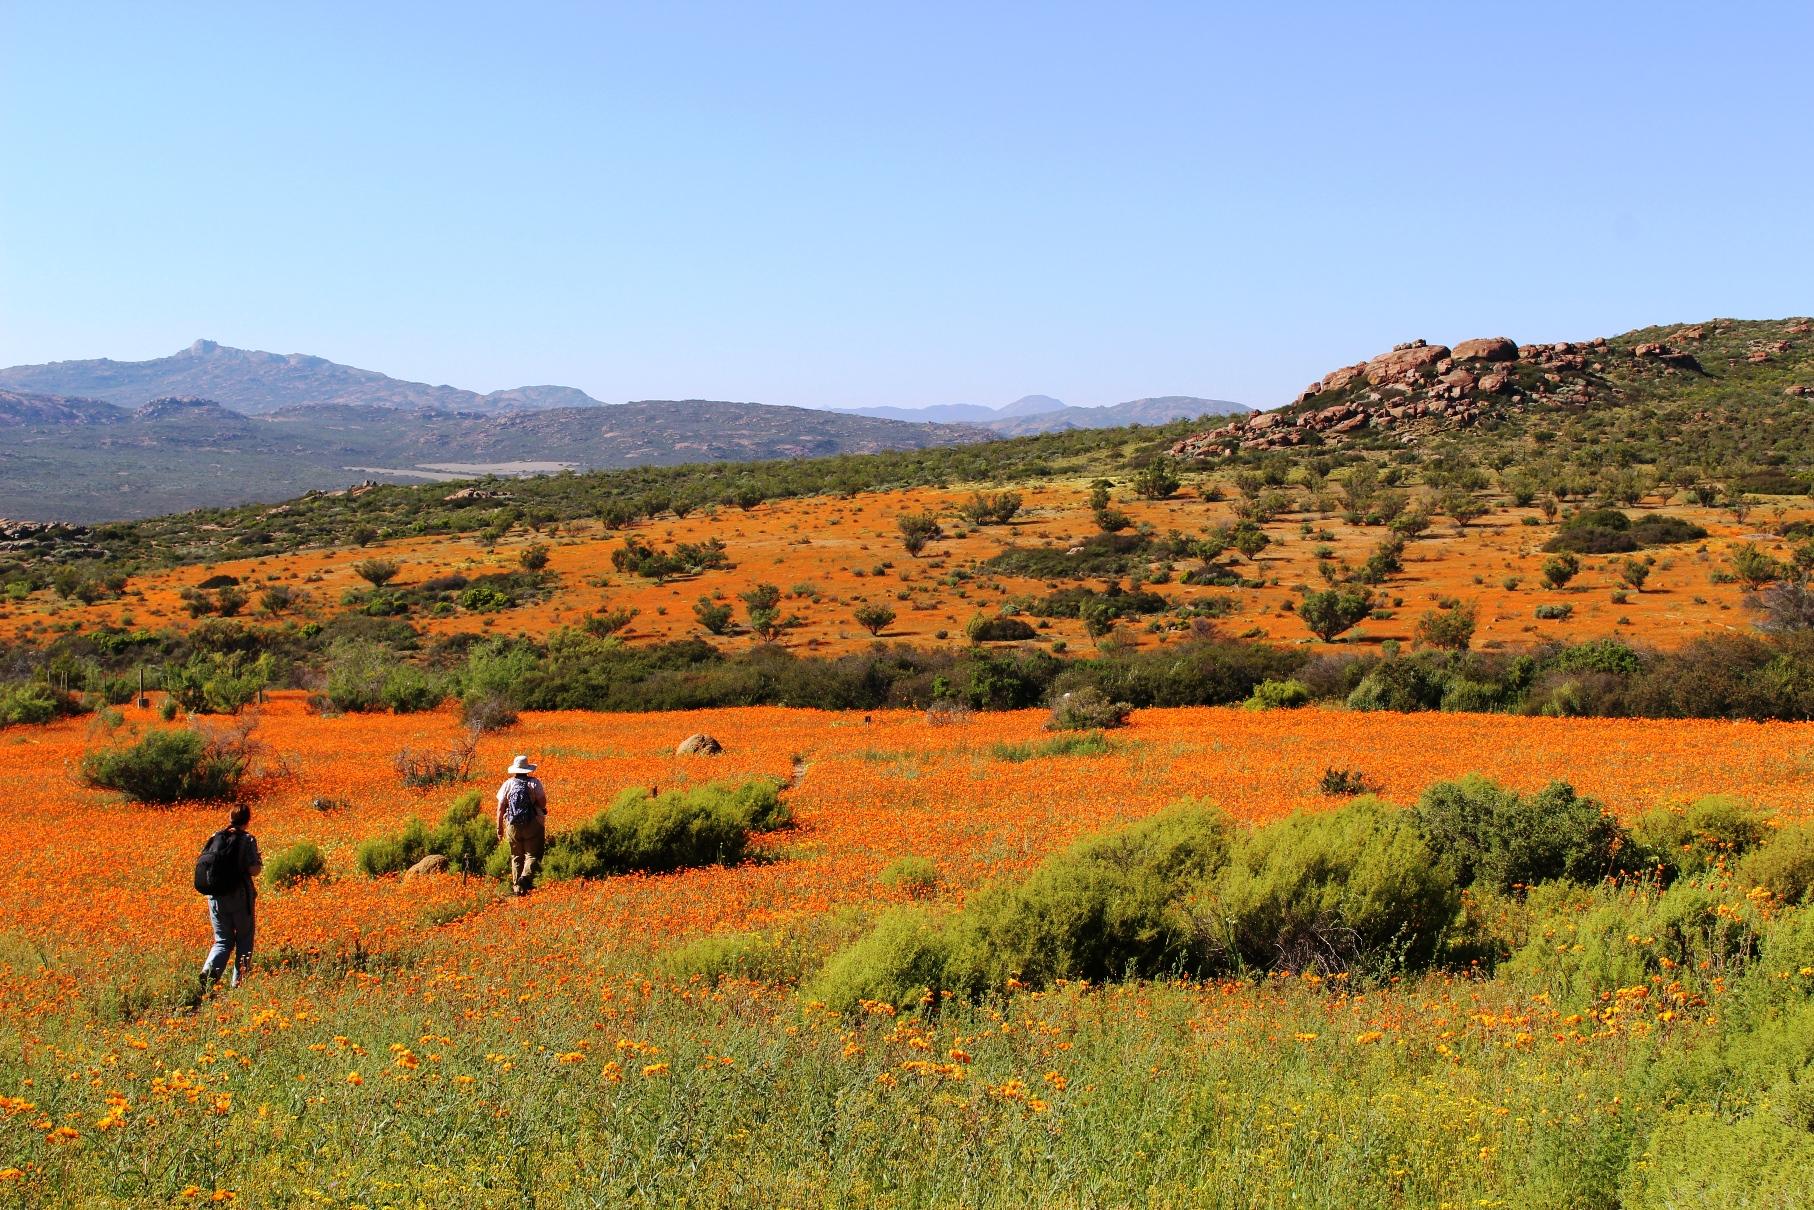 花の楽園・ナマクワランドと 南アフリカ・ハイキング 12日間